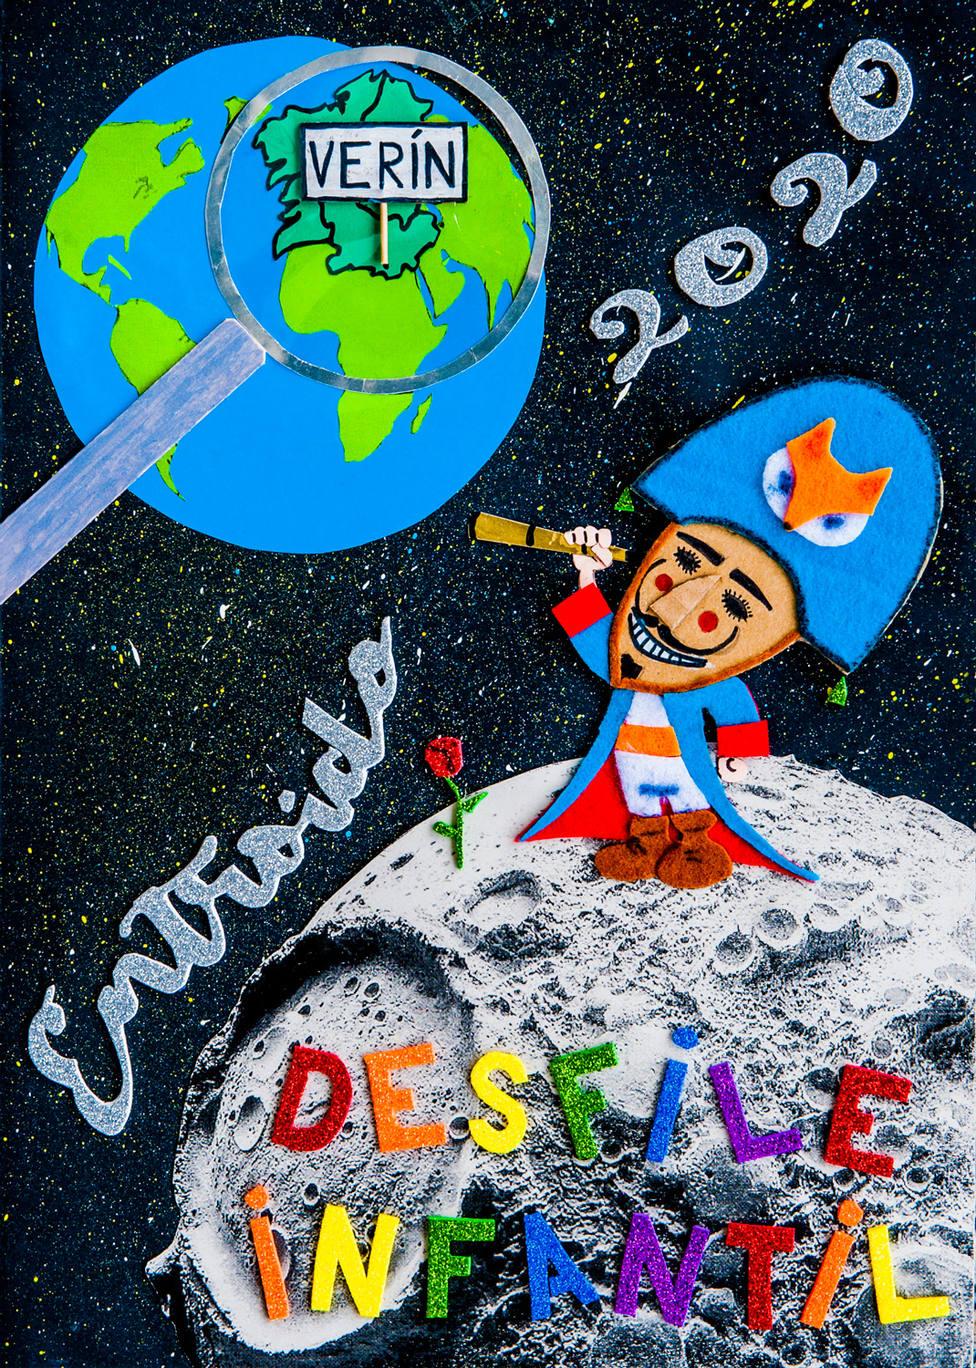 Cartel anunciador del desfile infantil de Verín, realizado por el colegio de A Mezquita